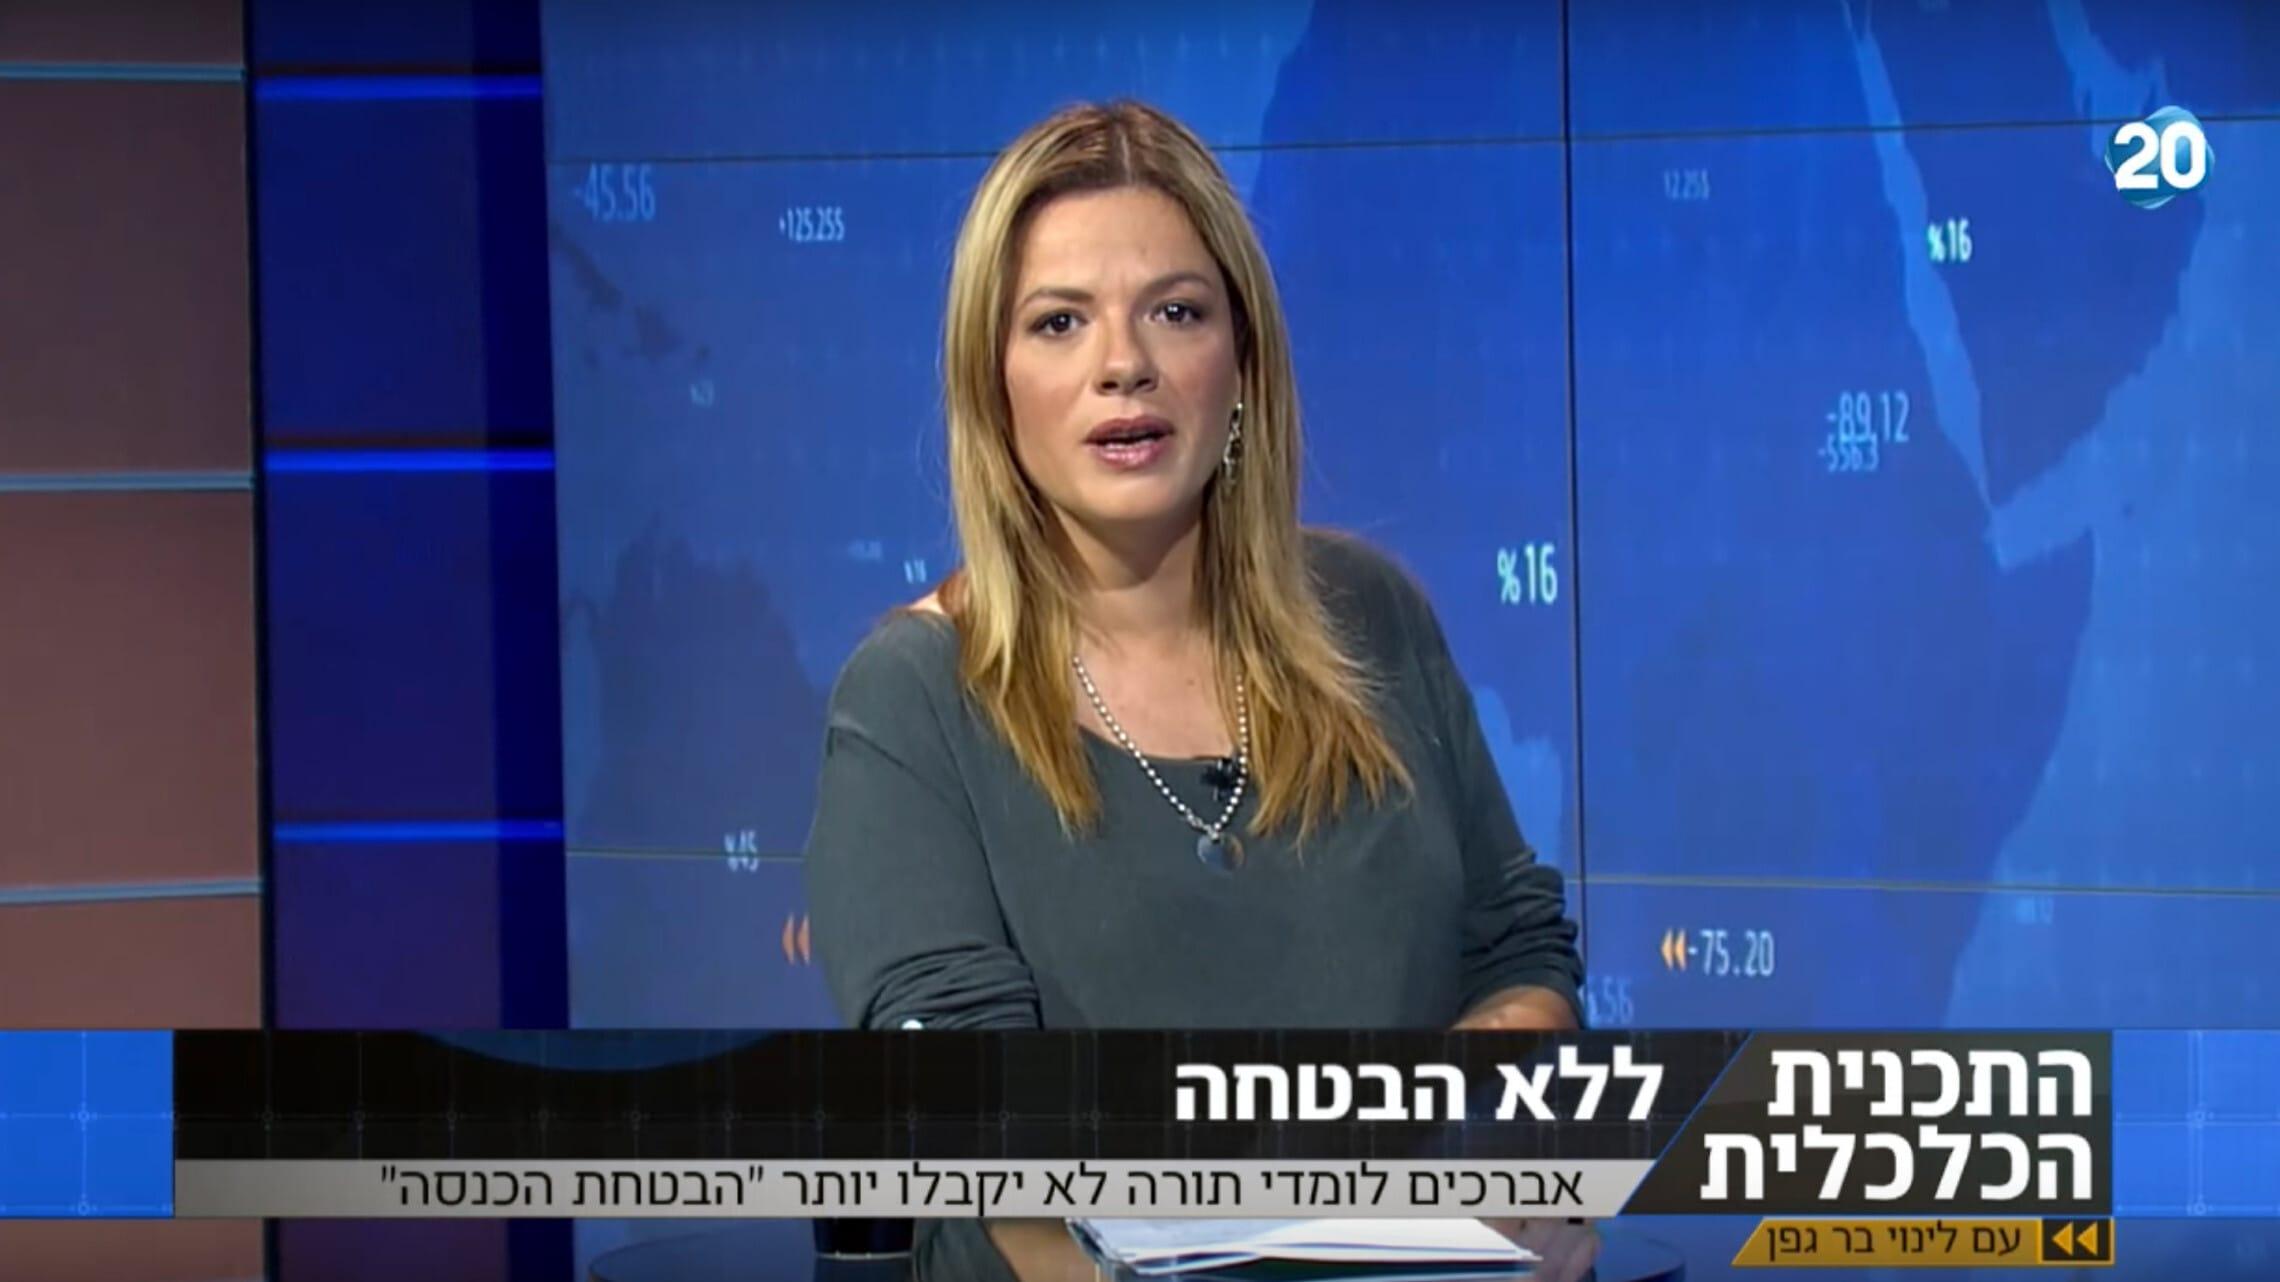 לינוי בר-גפן מגישה את התוכנית הכלכלית בערוץ 20 (צילום: צילום מסך)